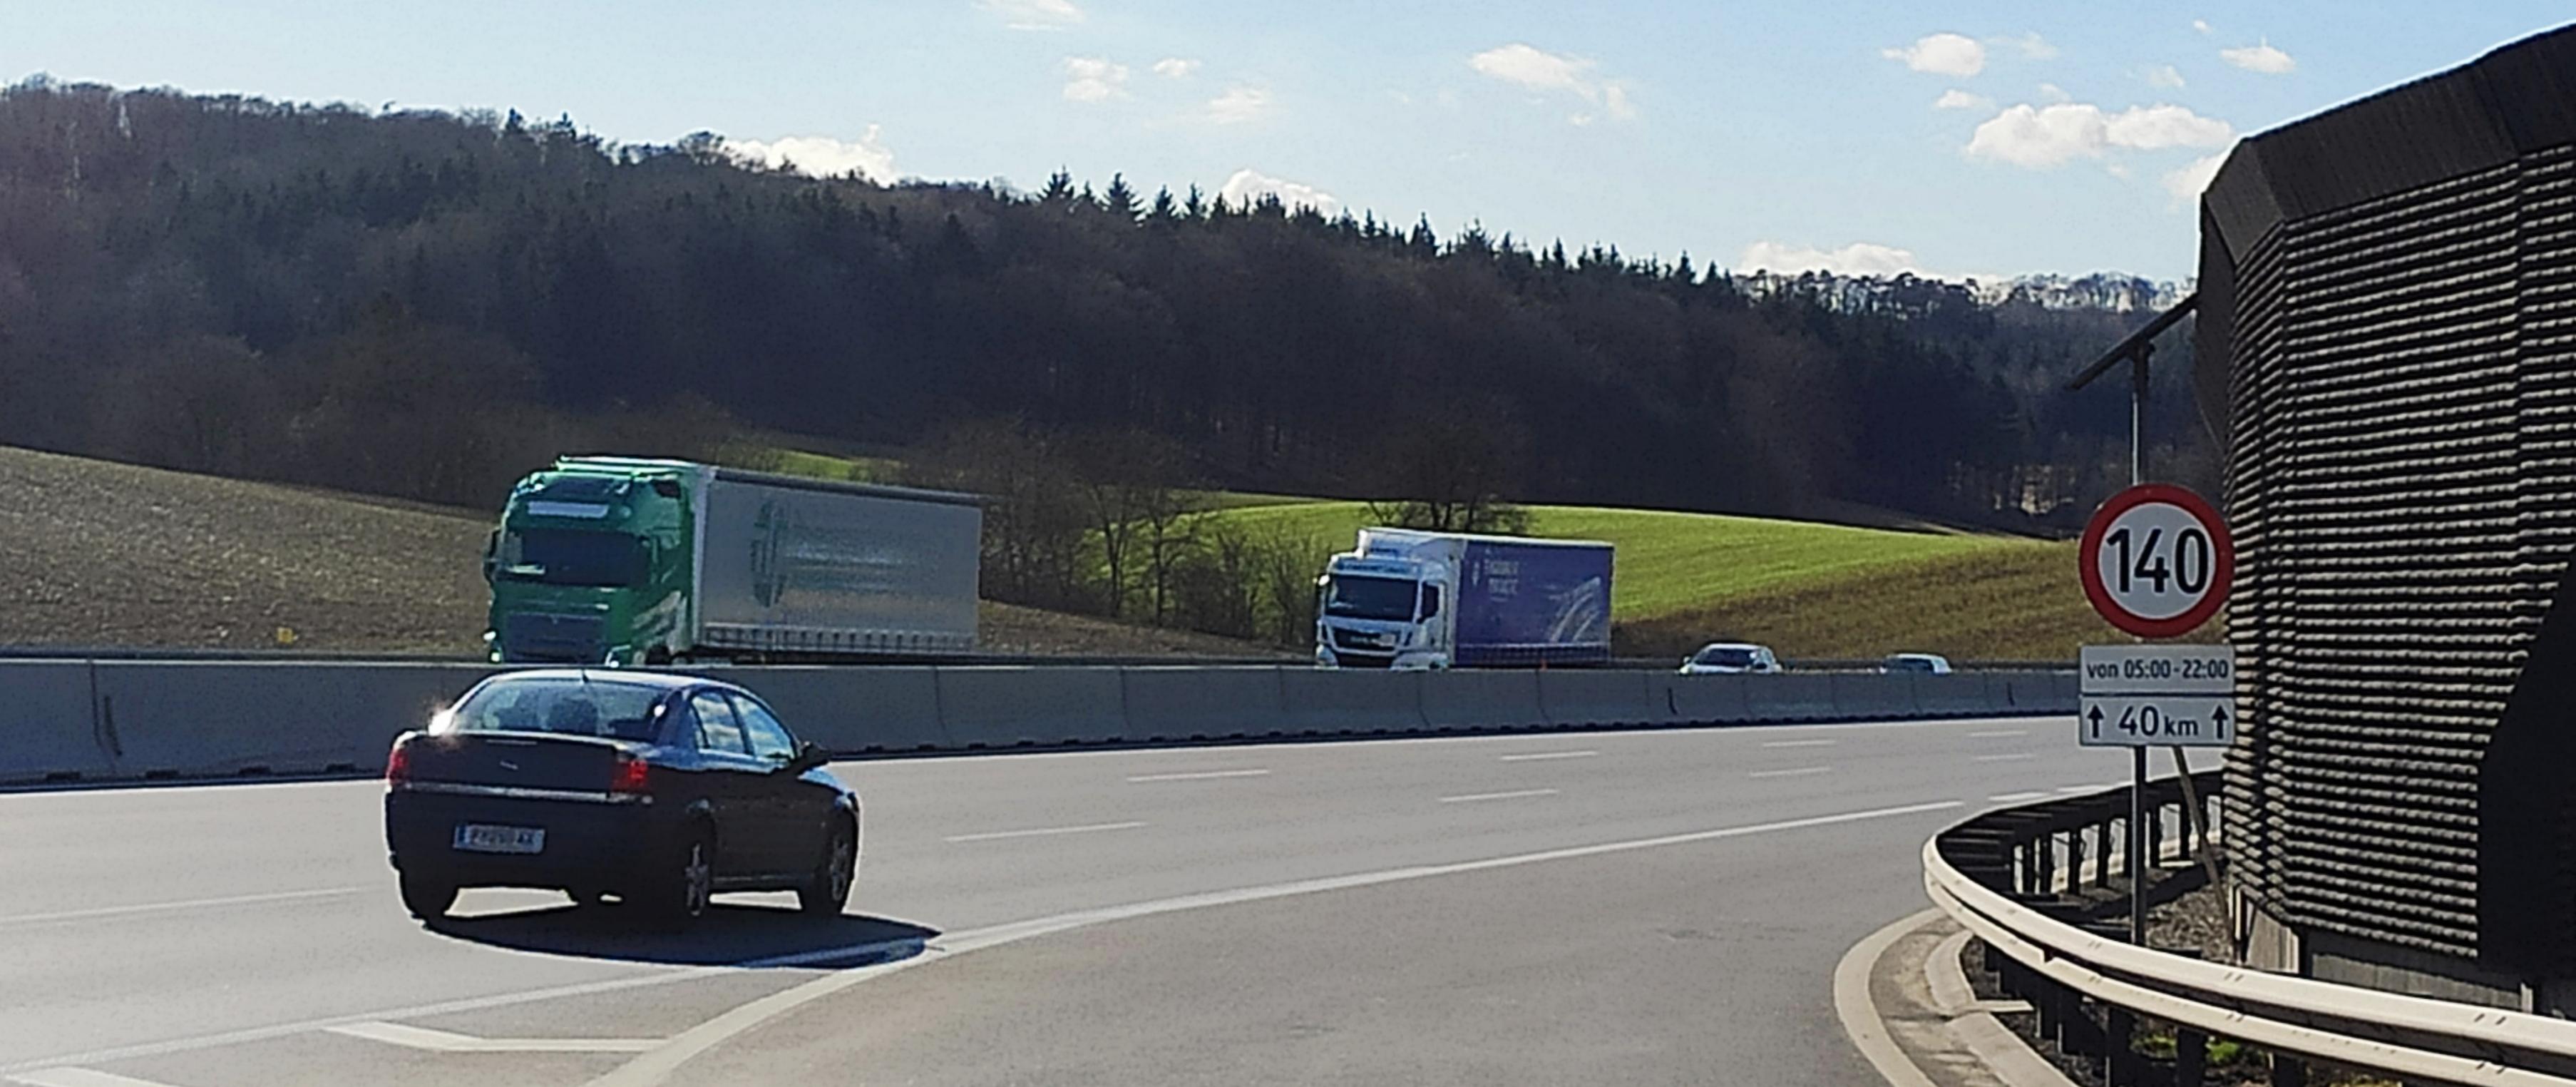 autoroute autrichienne à 140